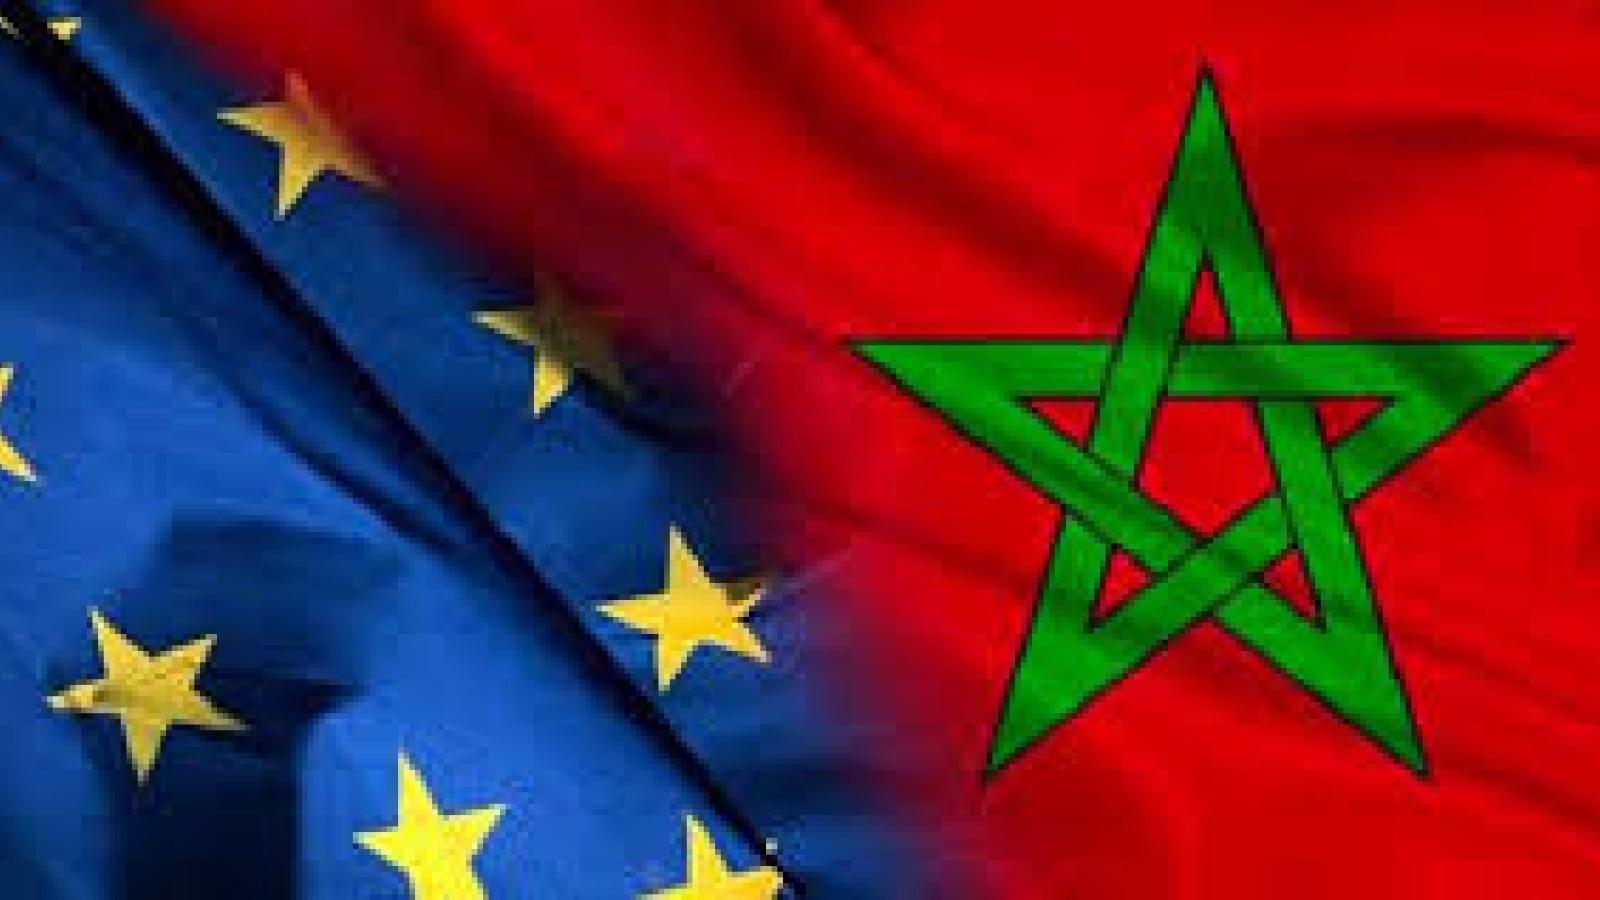 L'Alliance des Économistes Istiqlaliens (AEI) appelle au respect de la souveraineté